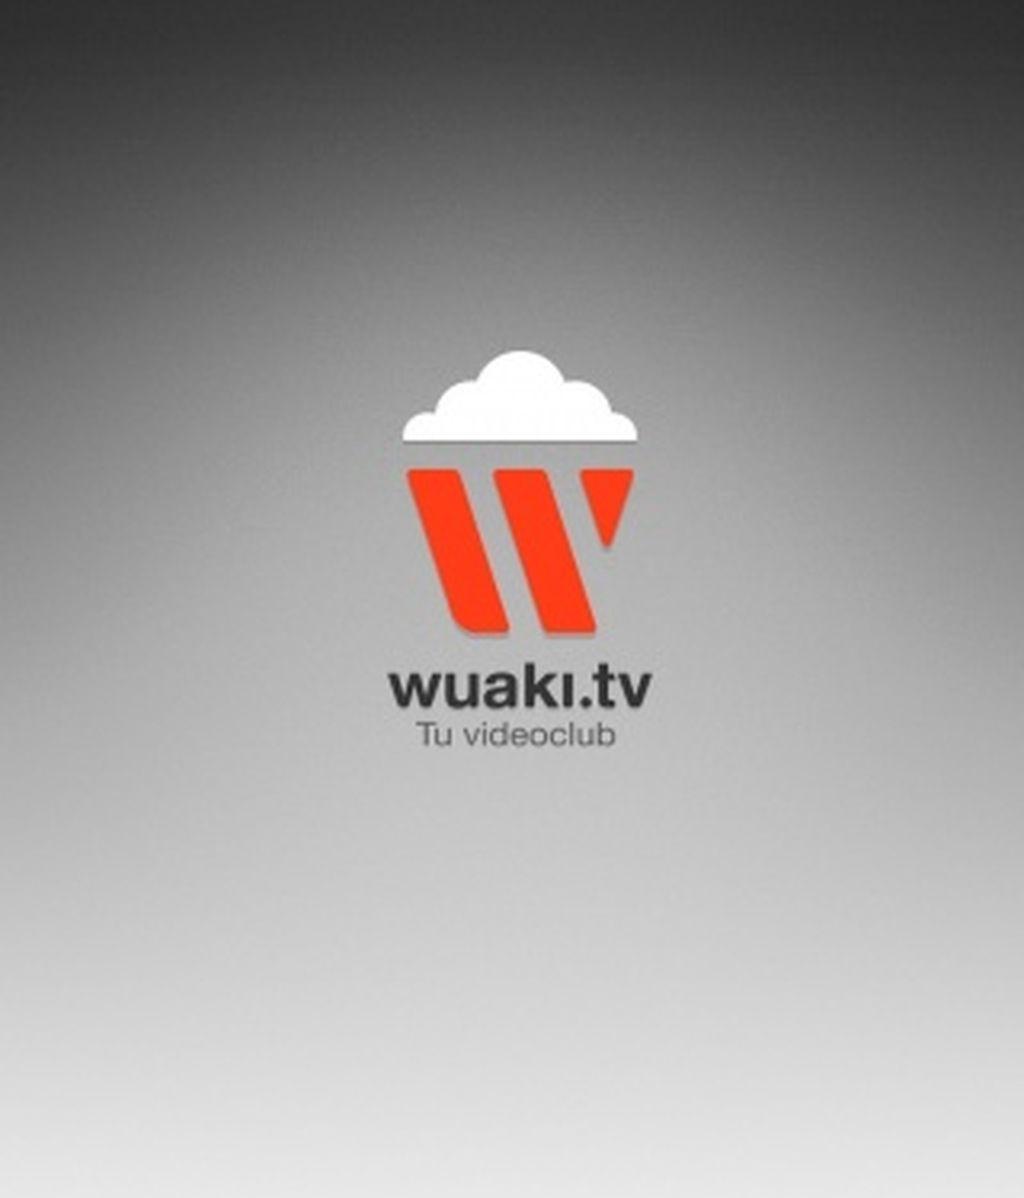 Wuaki.tv,aplicación,iPhone,Wuaki.tv Player